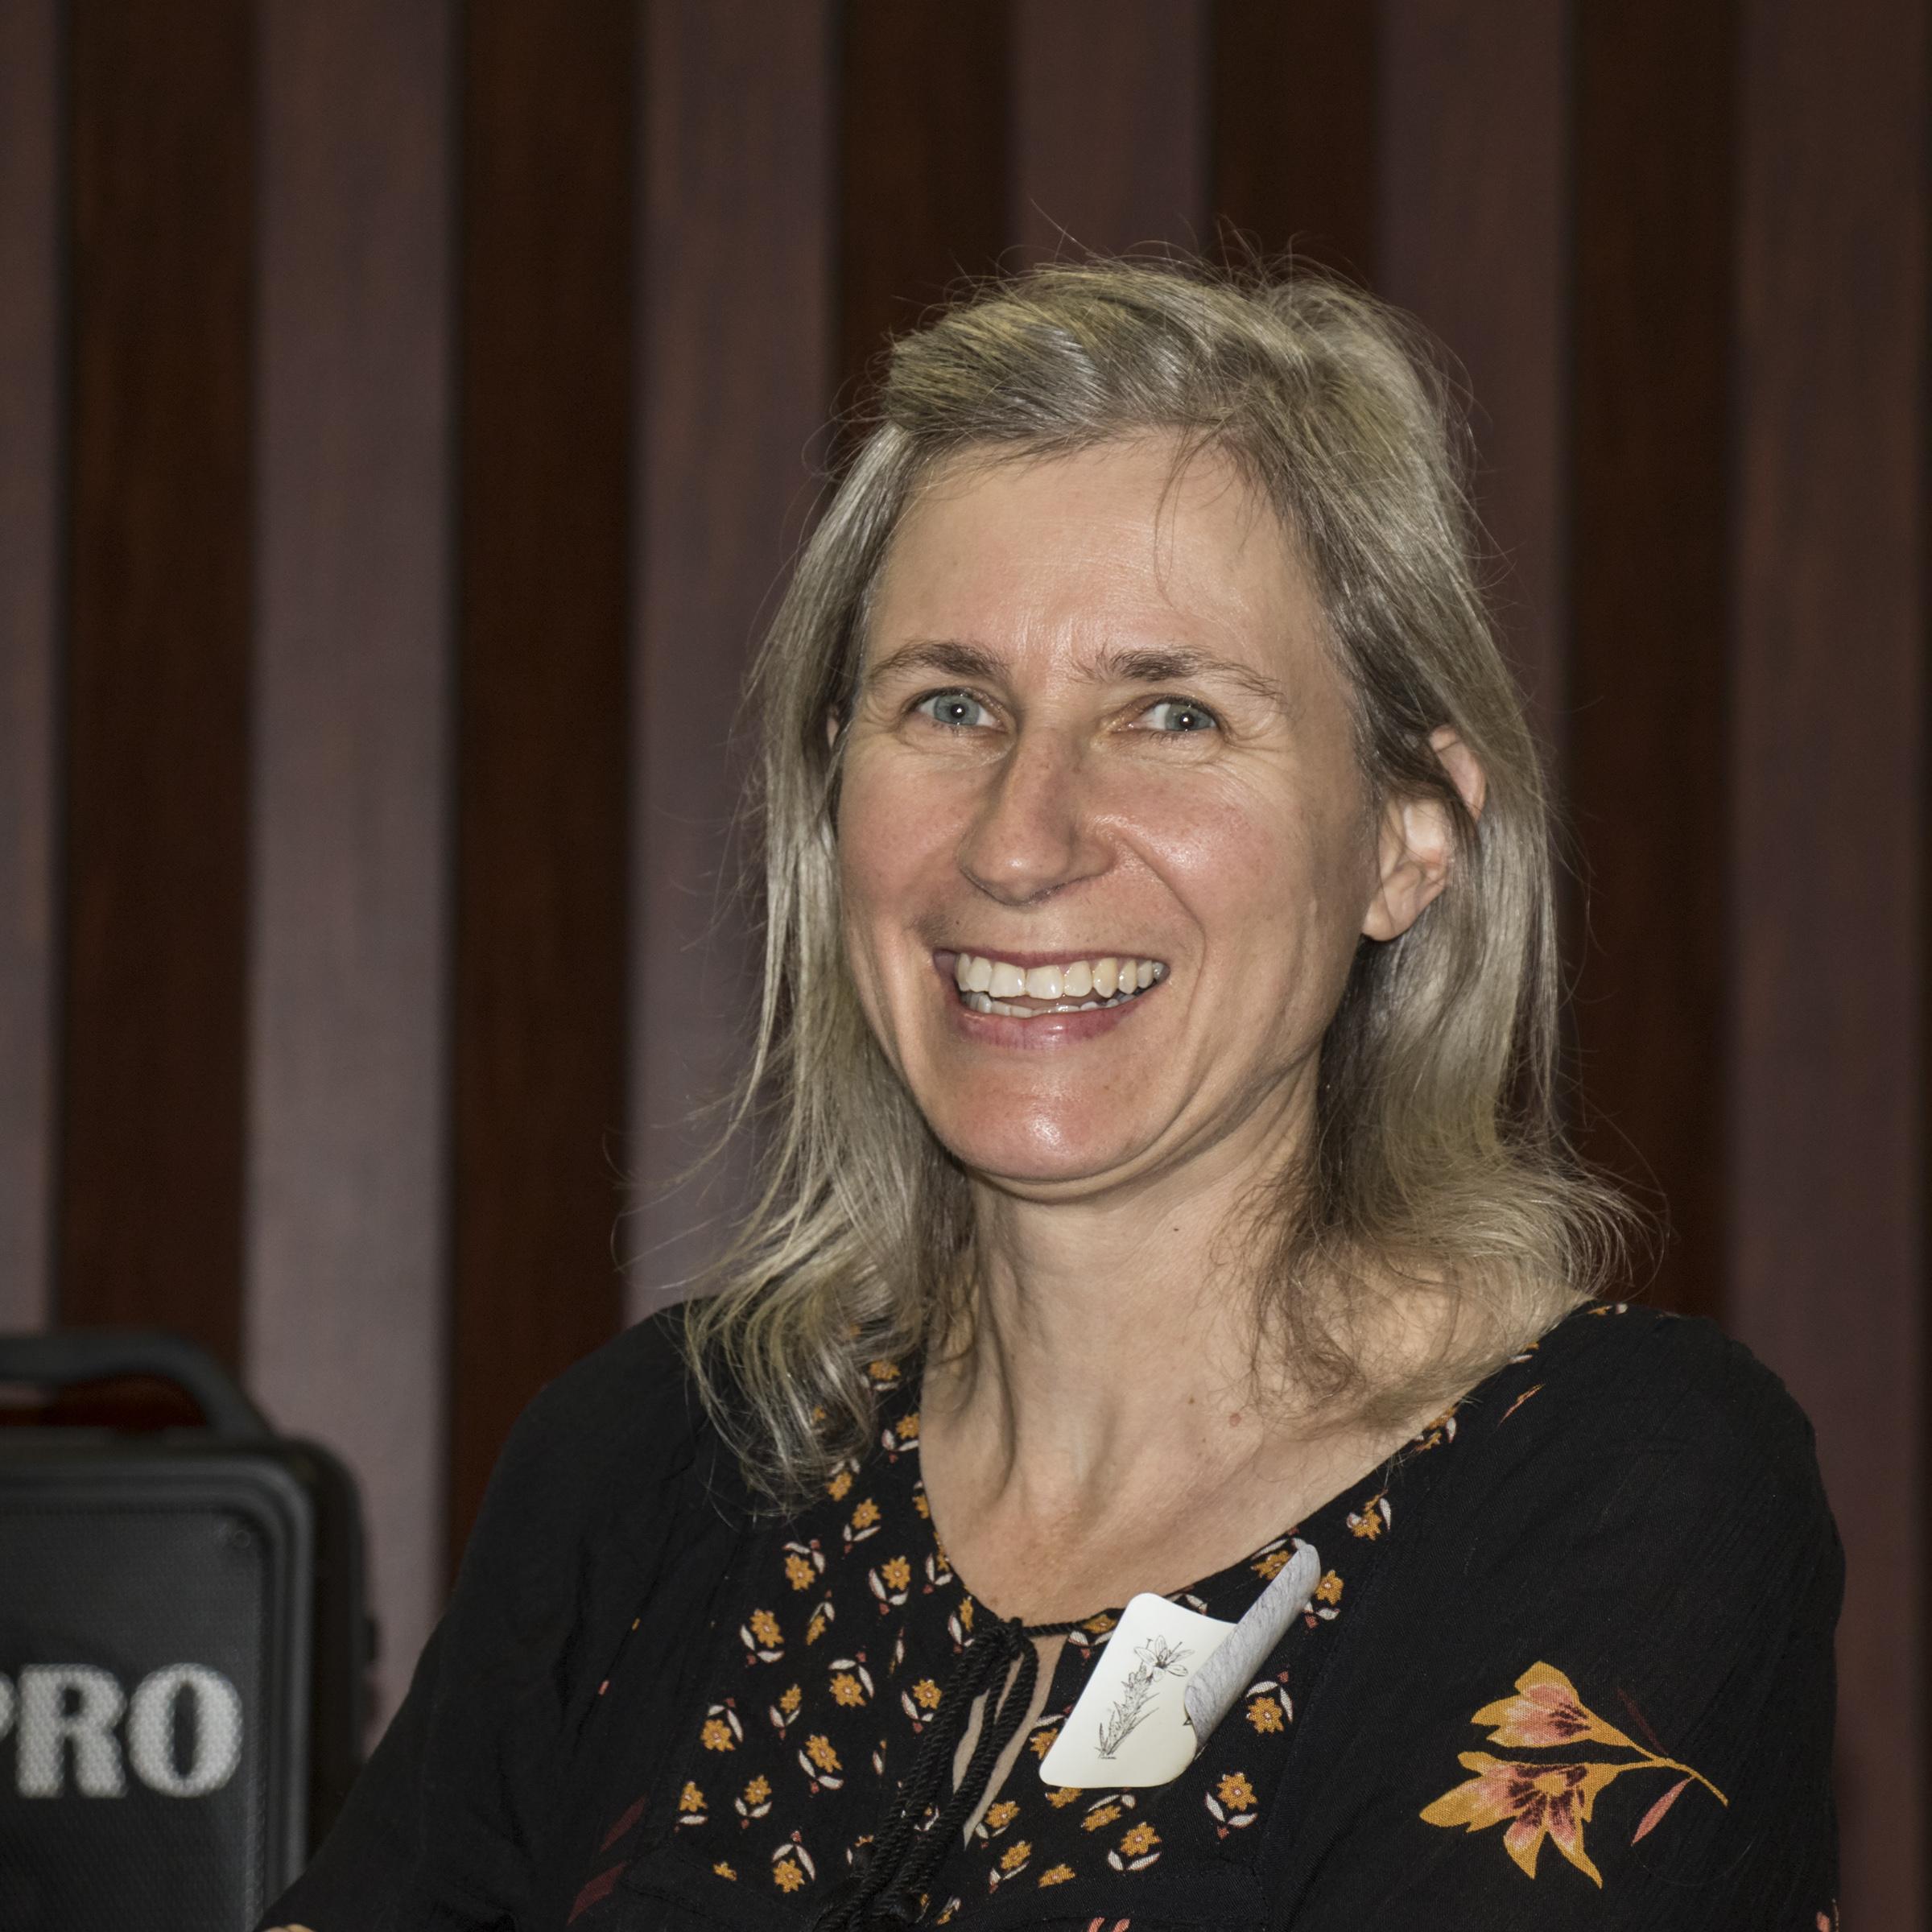 CNPSSLO banquet Jan 11 2020 Julie Evens speaker